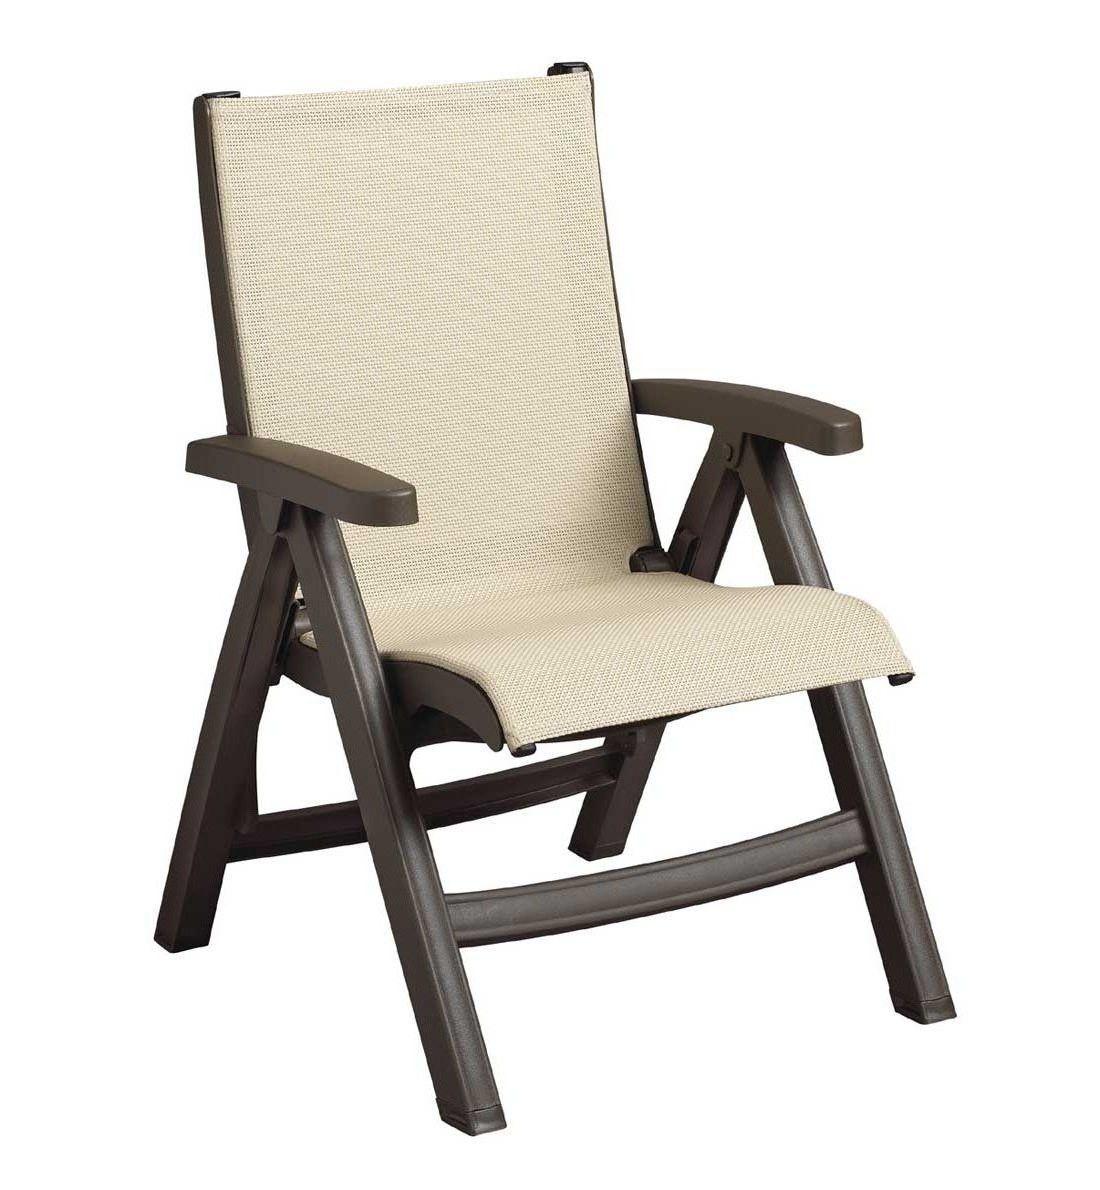 Schwerlast Klapp Liegestuhl Stuhle Klappstuhl Liegestuhl